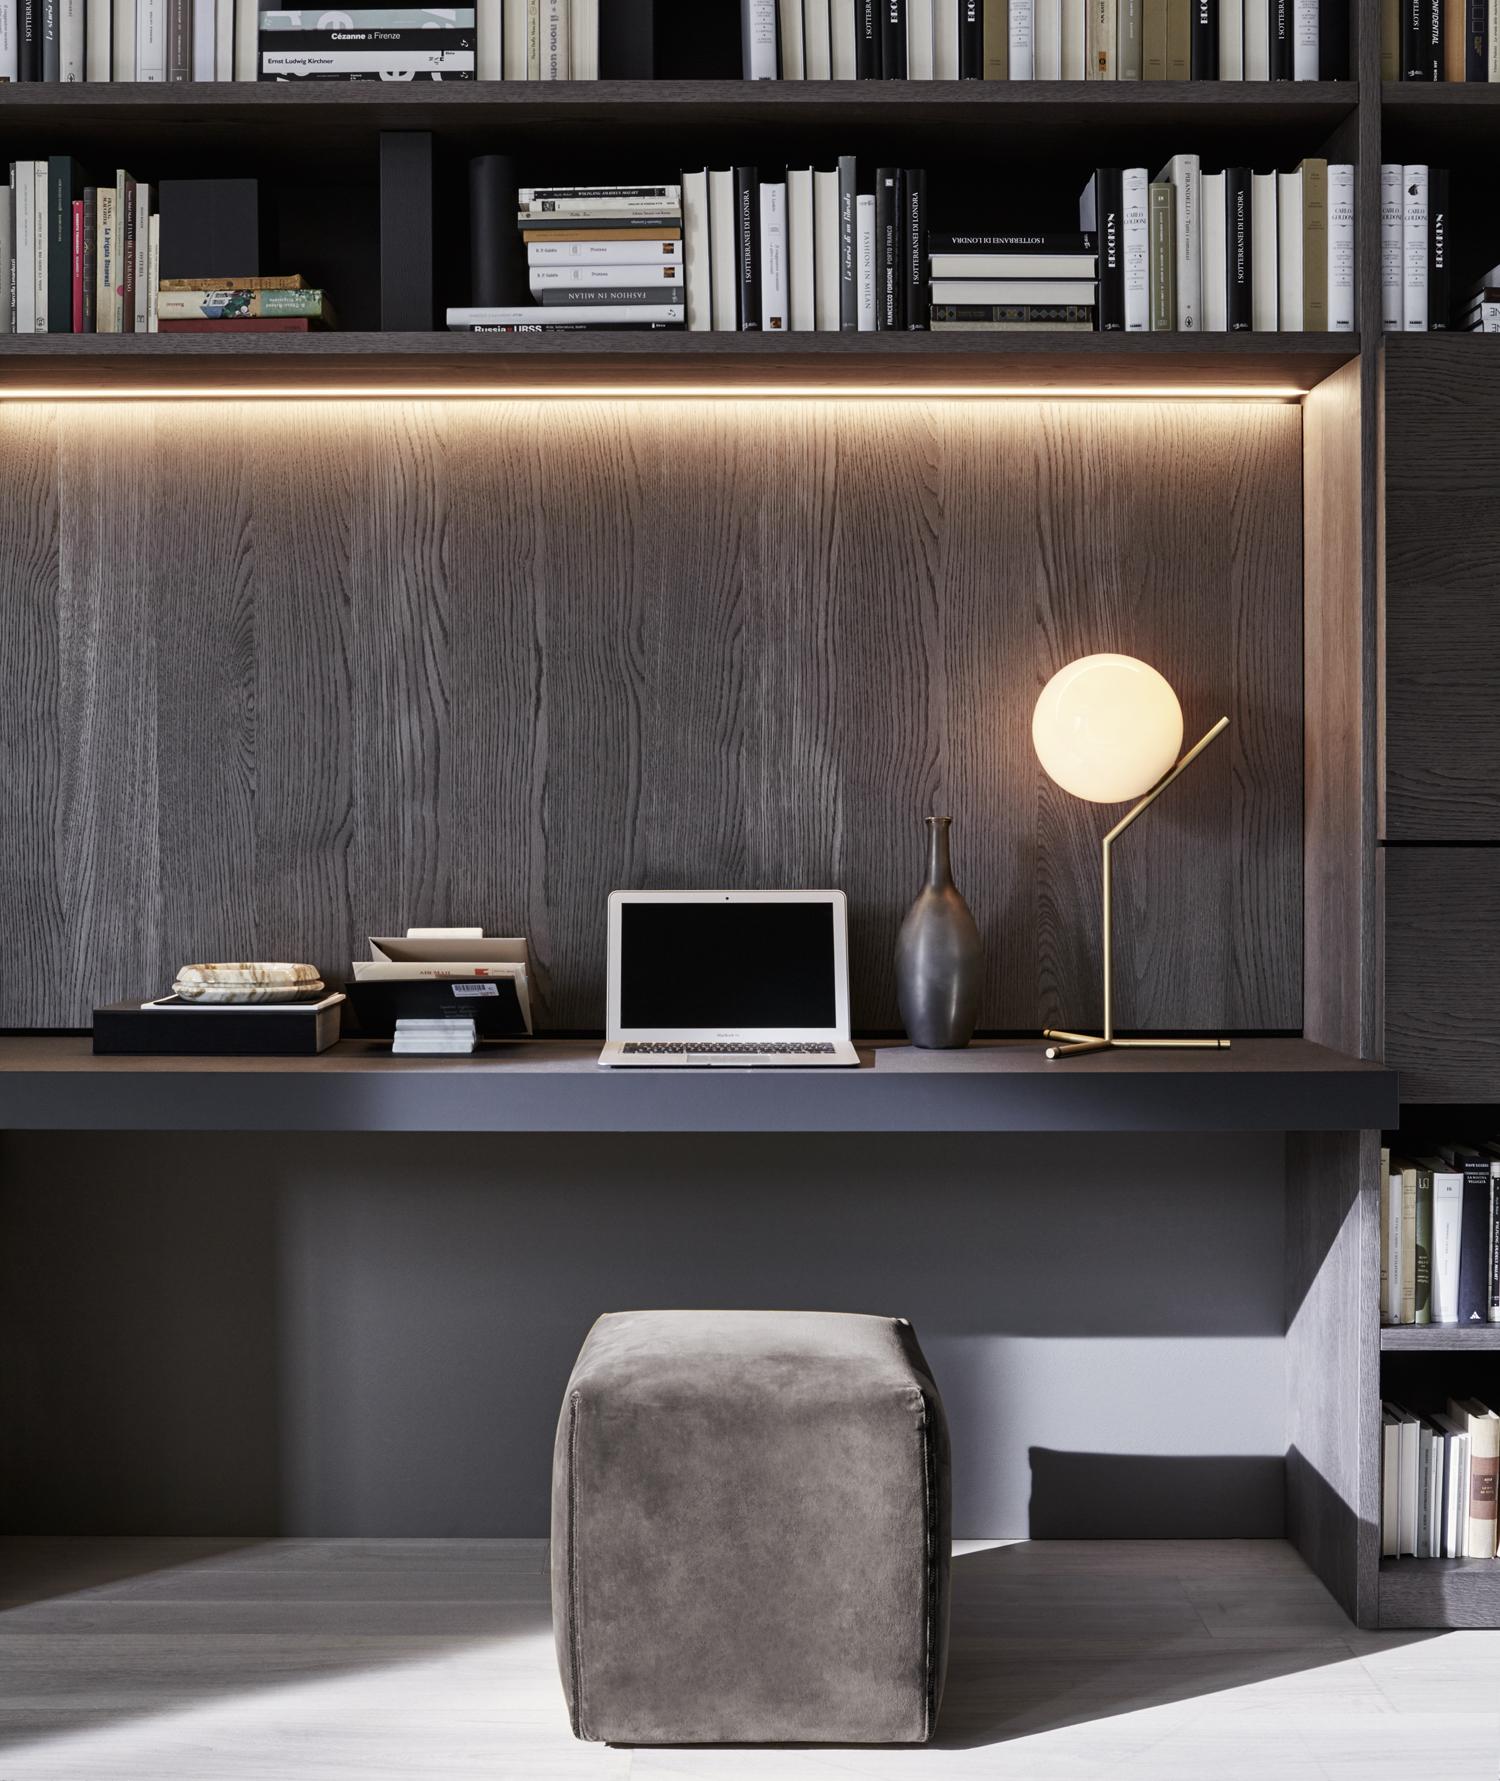 505 design par Nicola Gallizia